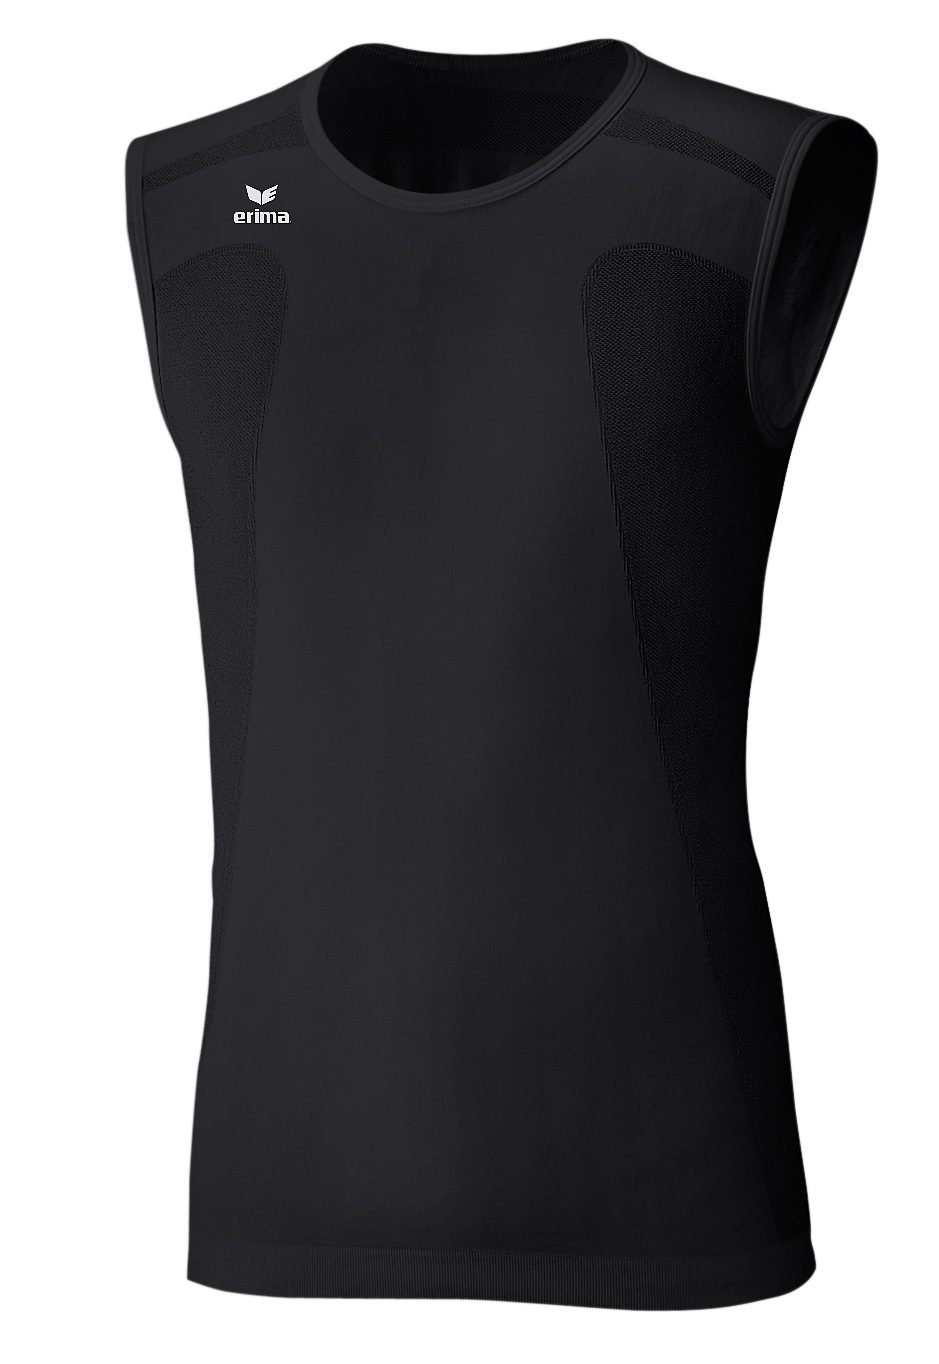 Erima Underwear Tank Herren Kaufen Support Top lF3TJcK1